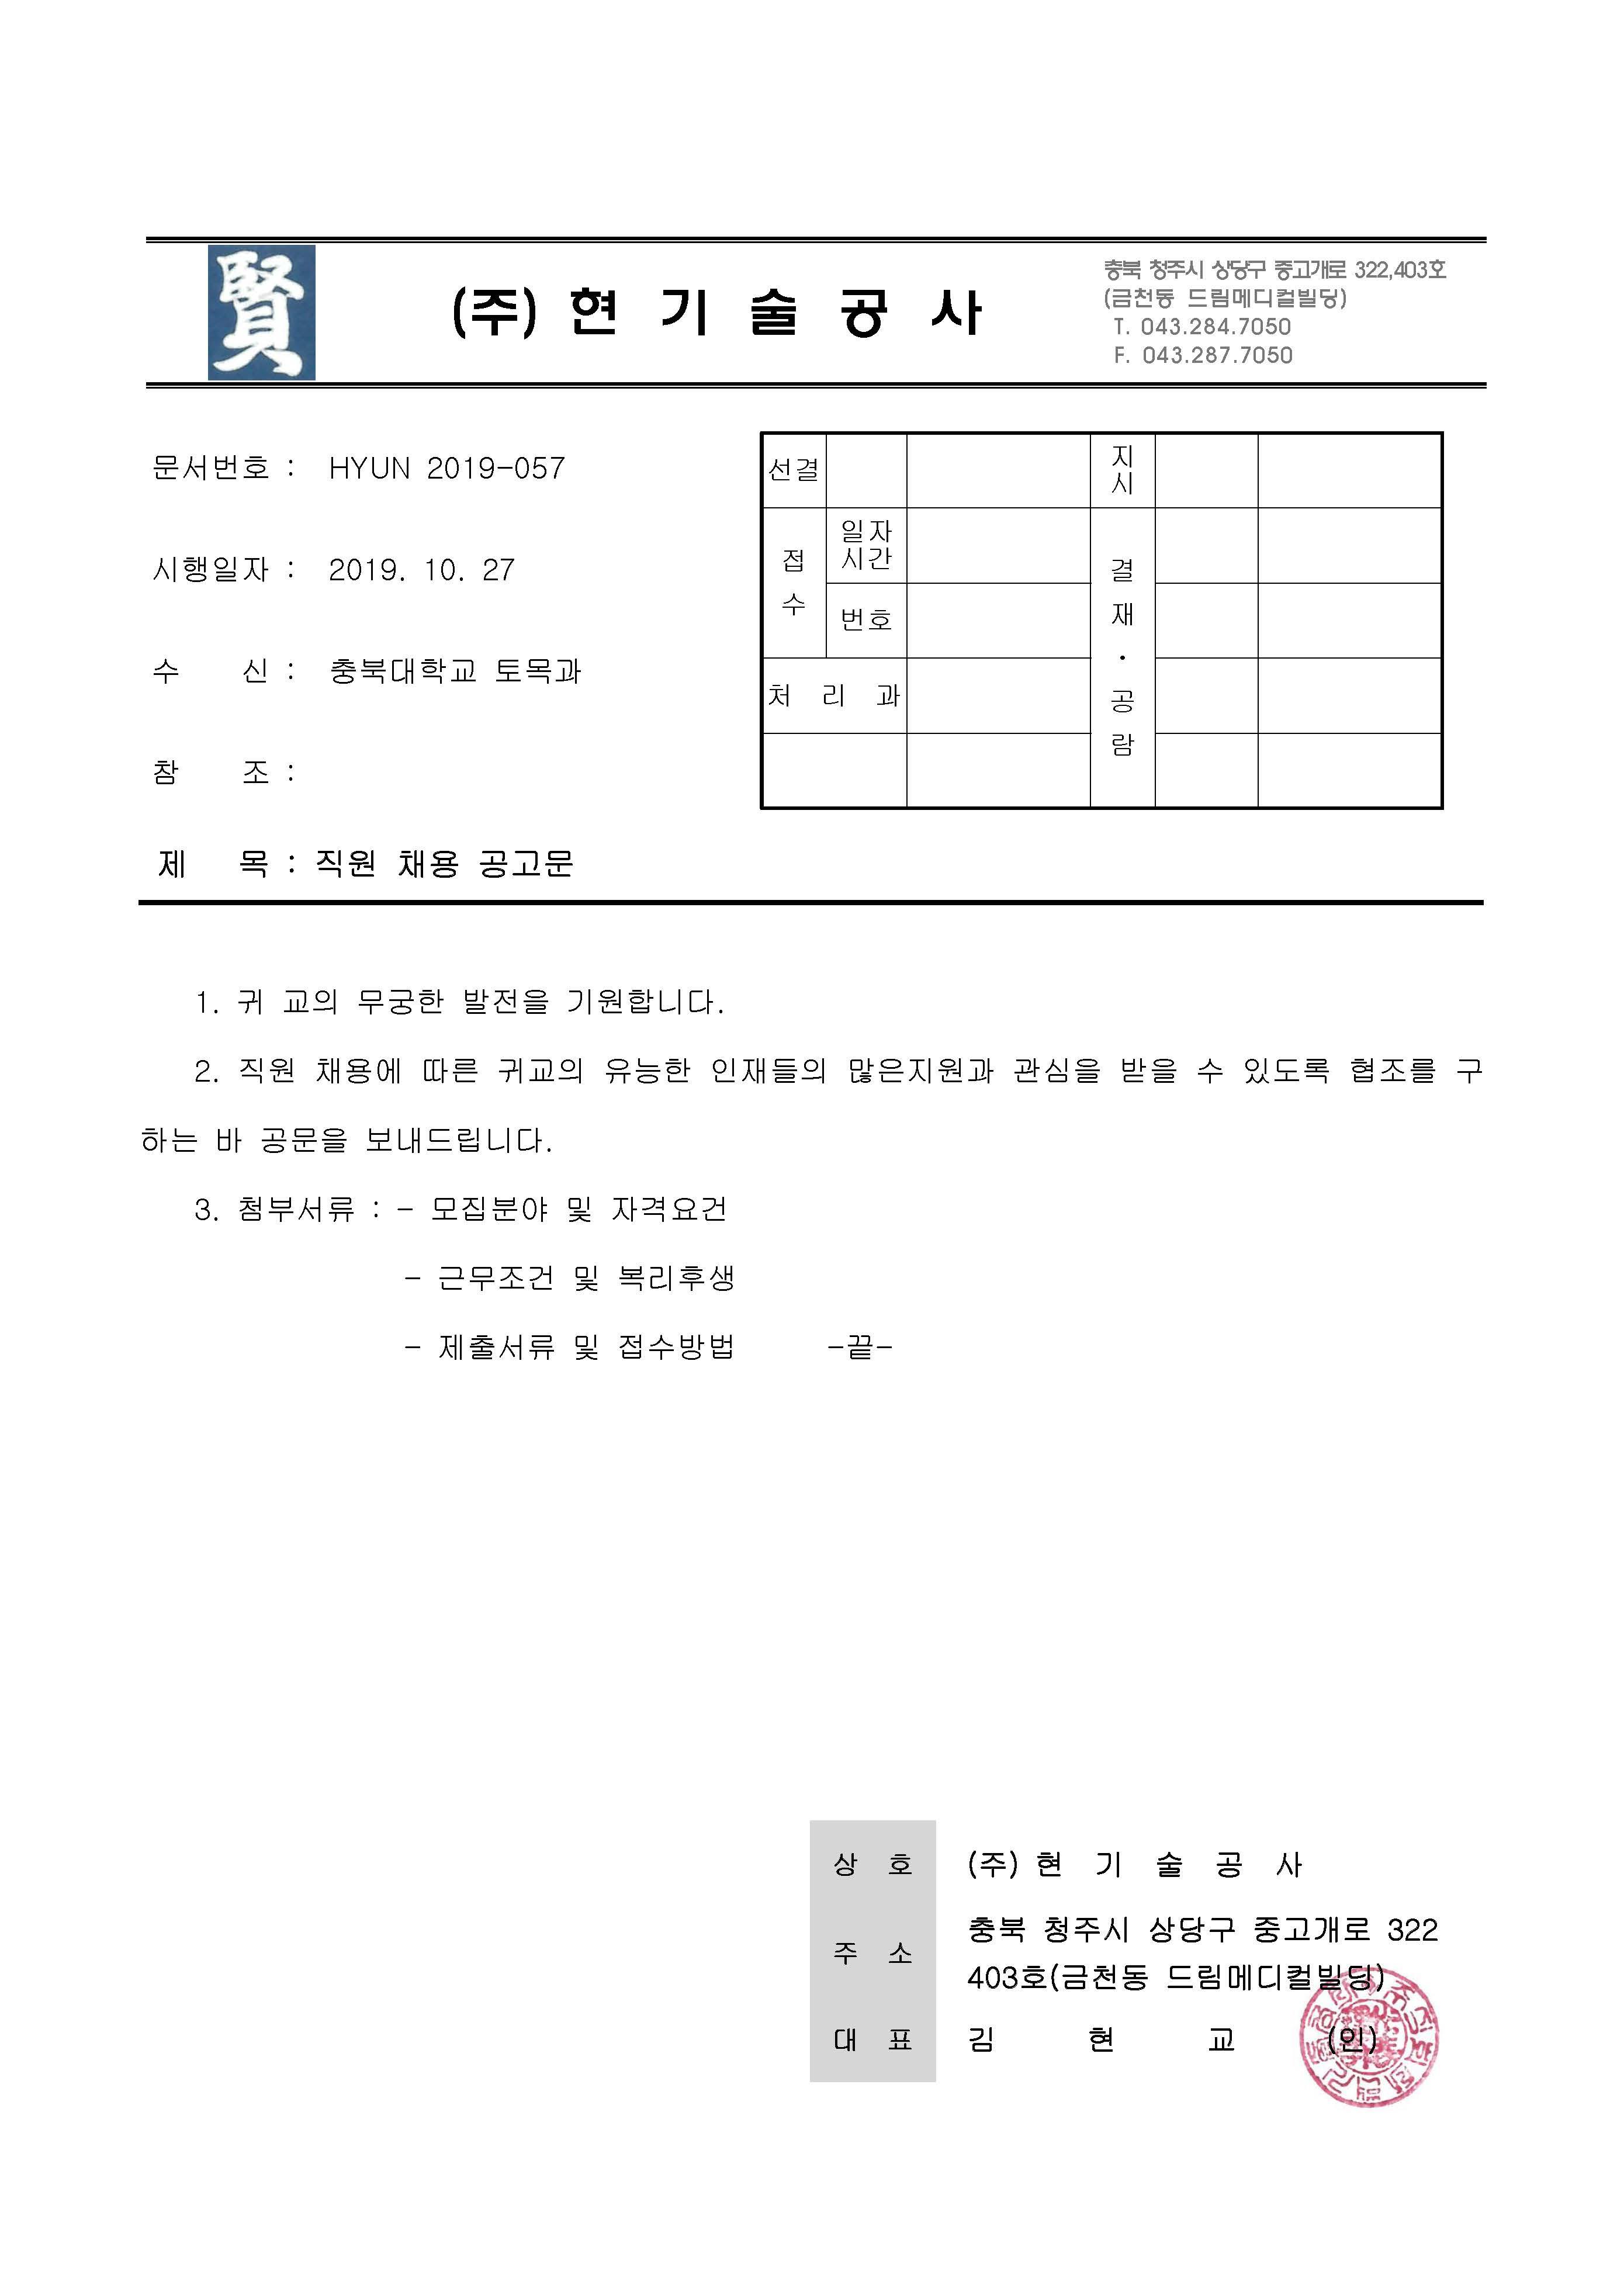 채용 협조공문_페이지_1.jpg